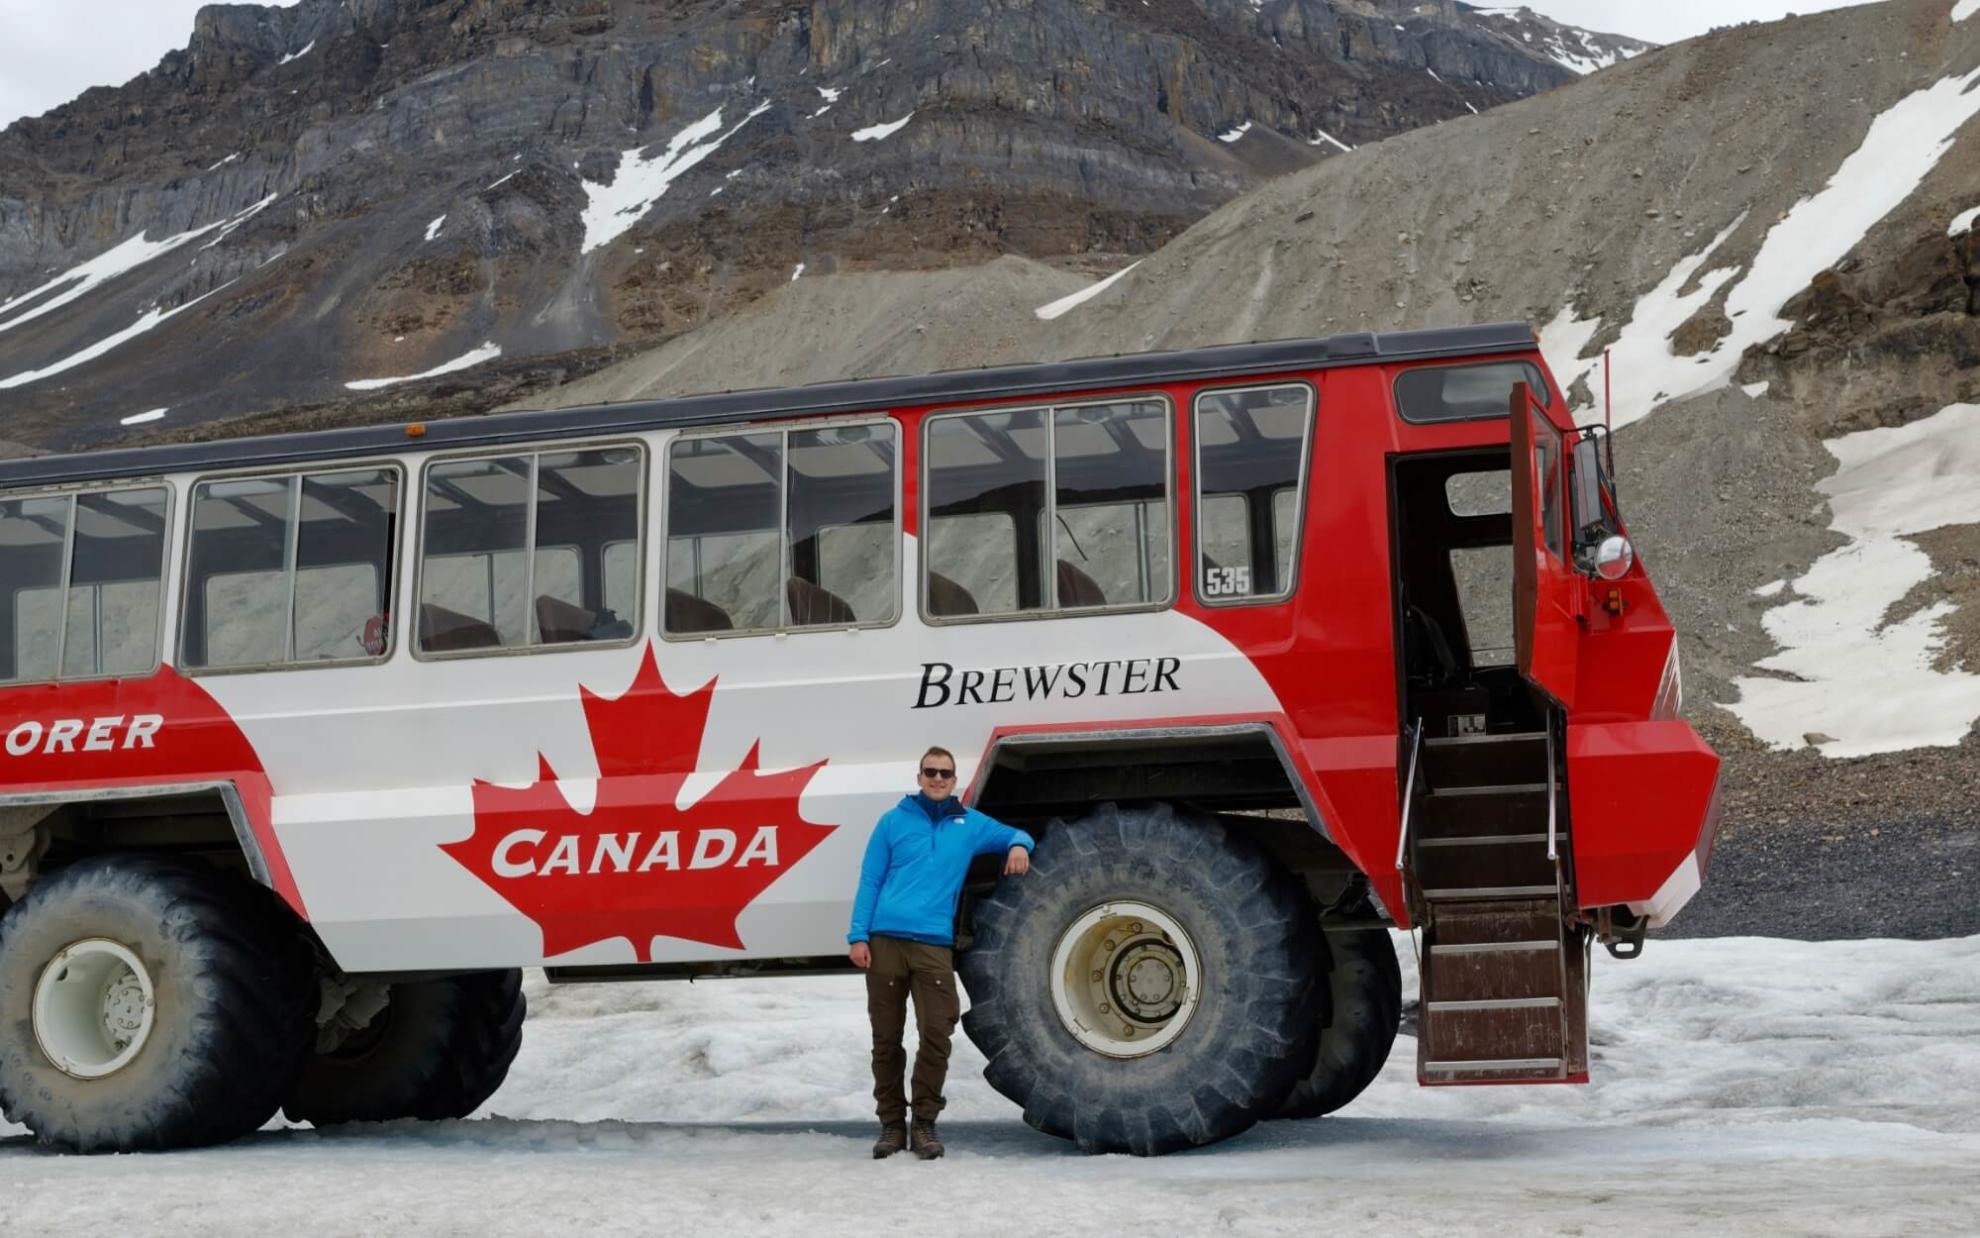 Besichtigung des Athabasca-Gletschers in den Rocky Mountains